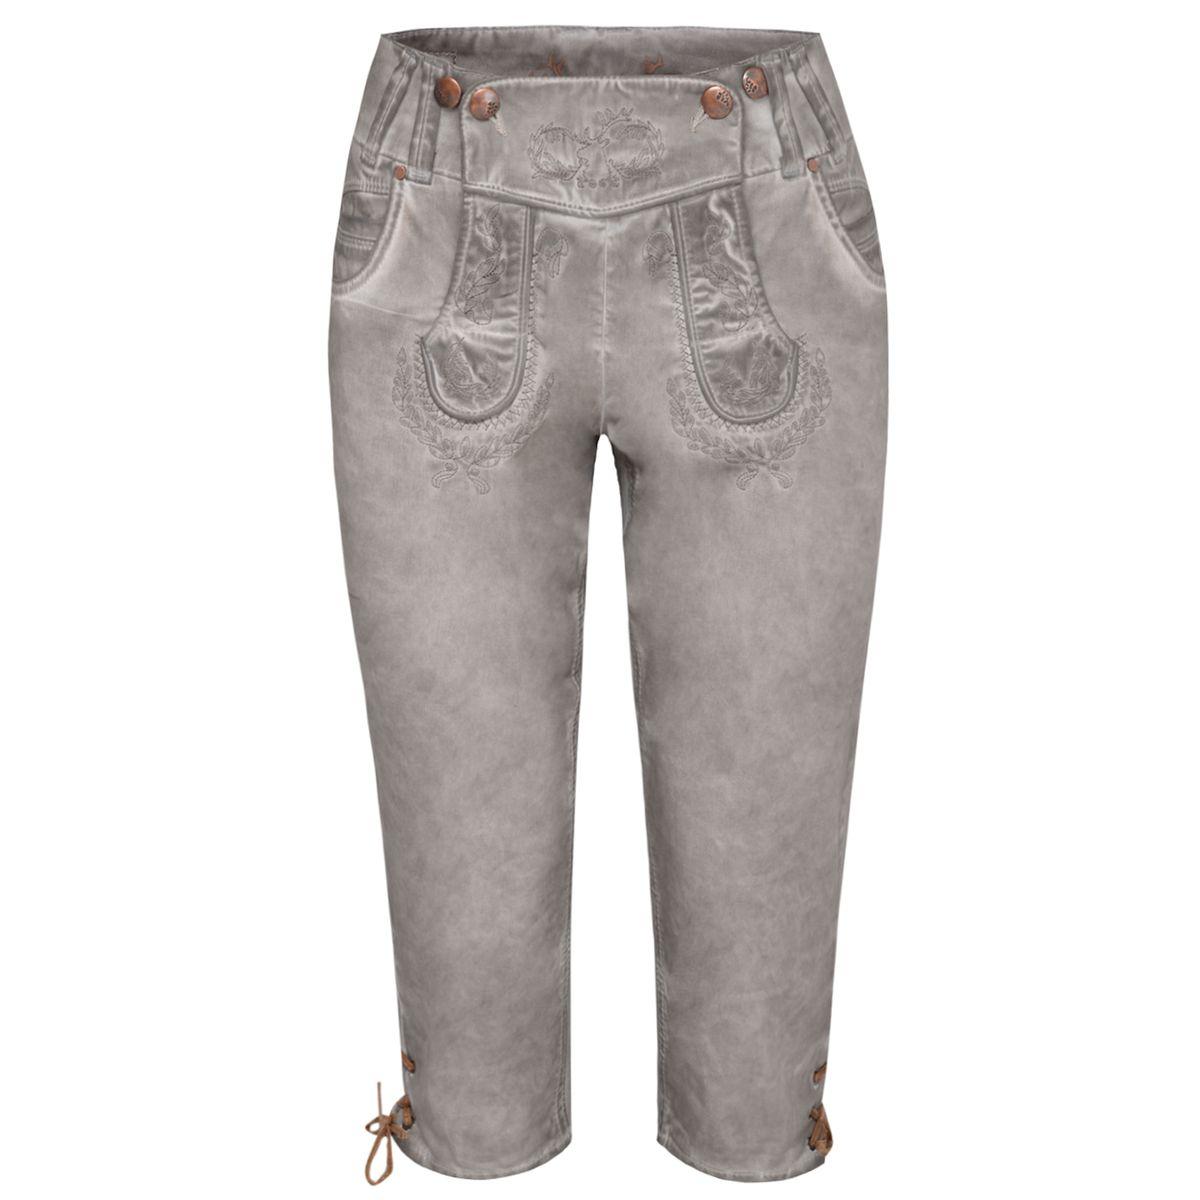 Jeans-Kniebundlederhose Nicole in Beige von Hangowear